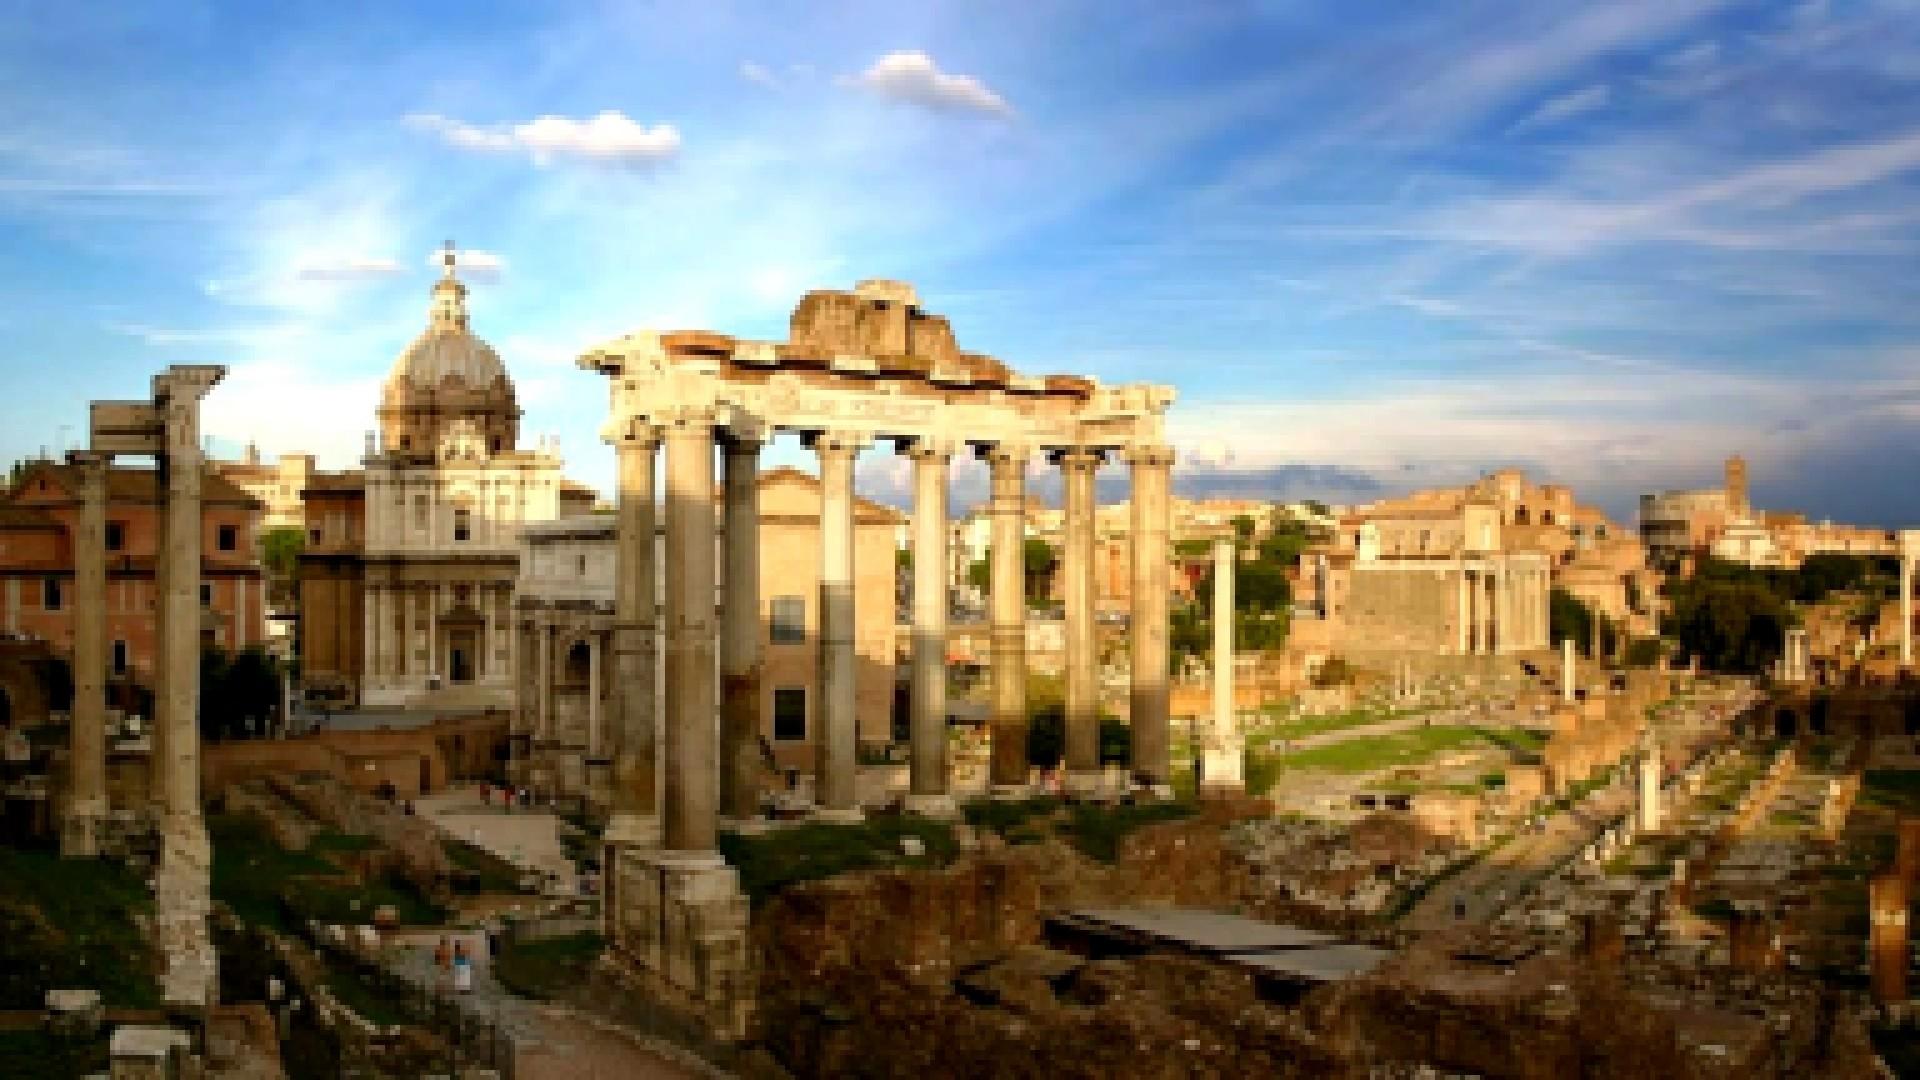 Con il suo plurale, parati, ci si riferisce ormai di norma in modo specifico ai rivestimenti delle pareti. Forum Romanum Carta Da Parati Antica Di Roma 1920x1080 Wallpapertip